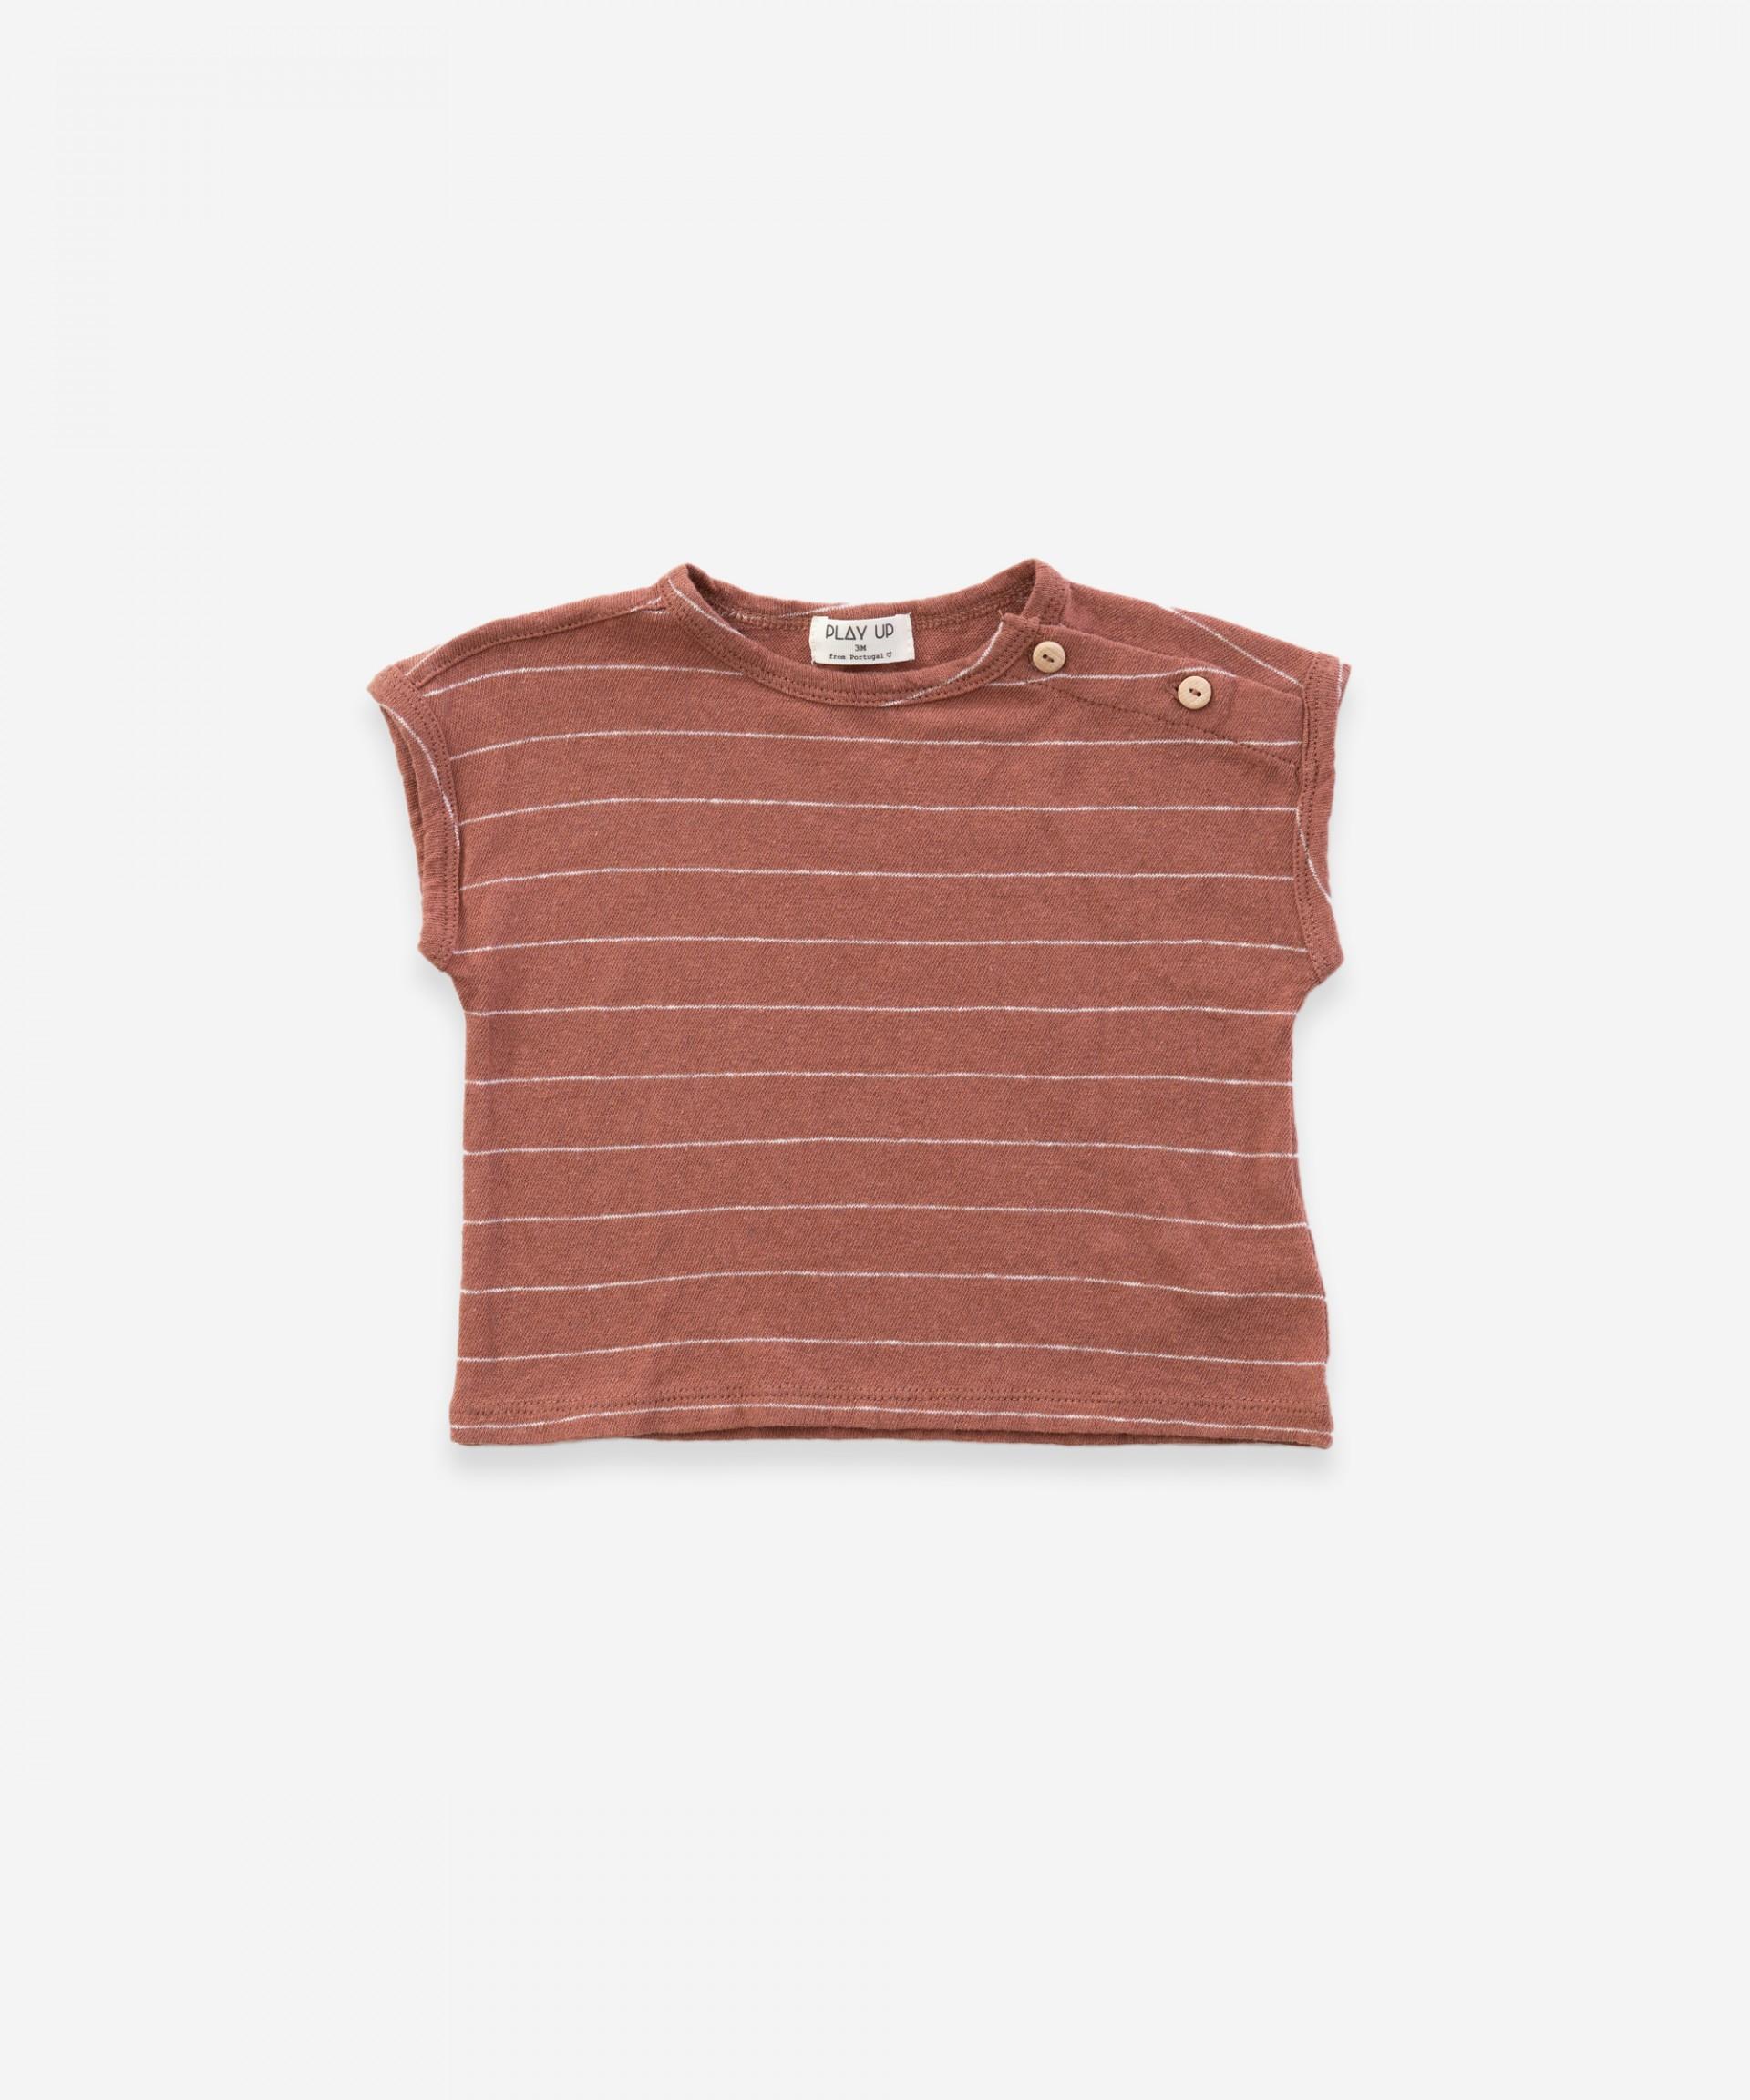 T-shirt senza maniche in cotone-lino| Weaving